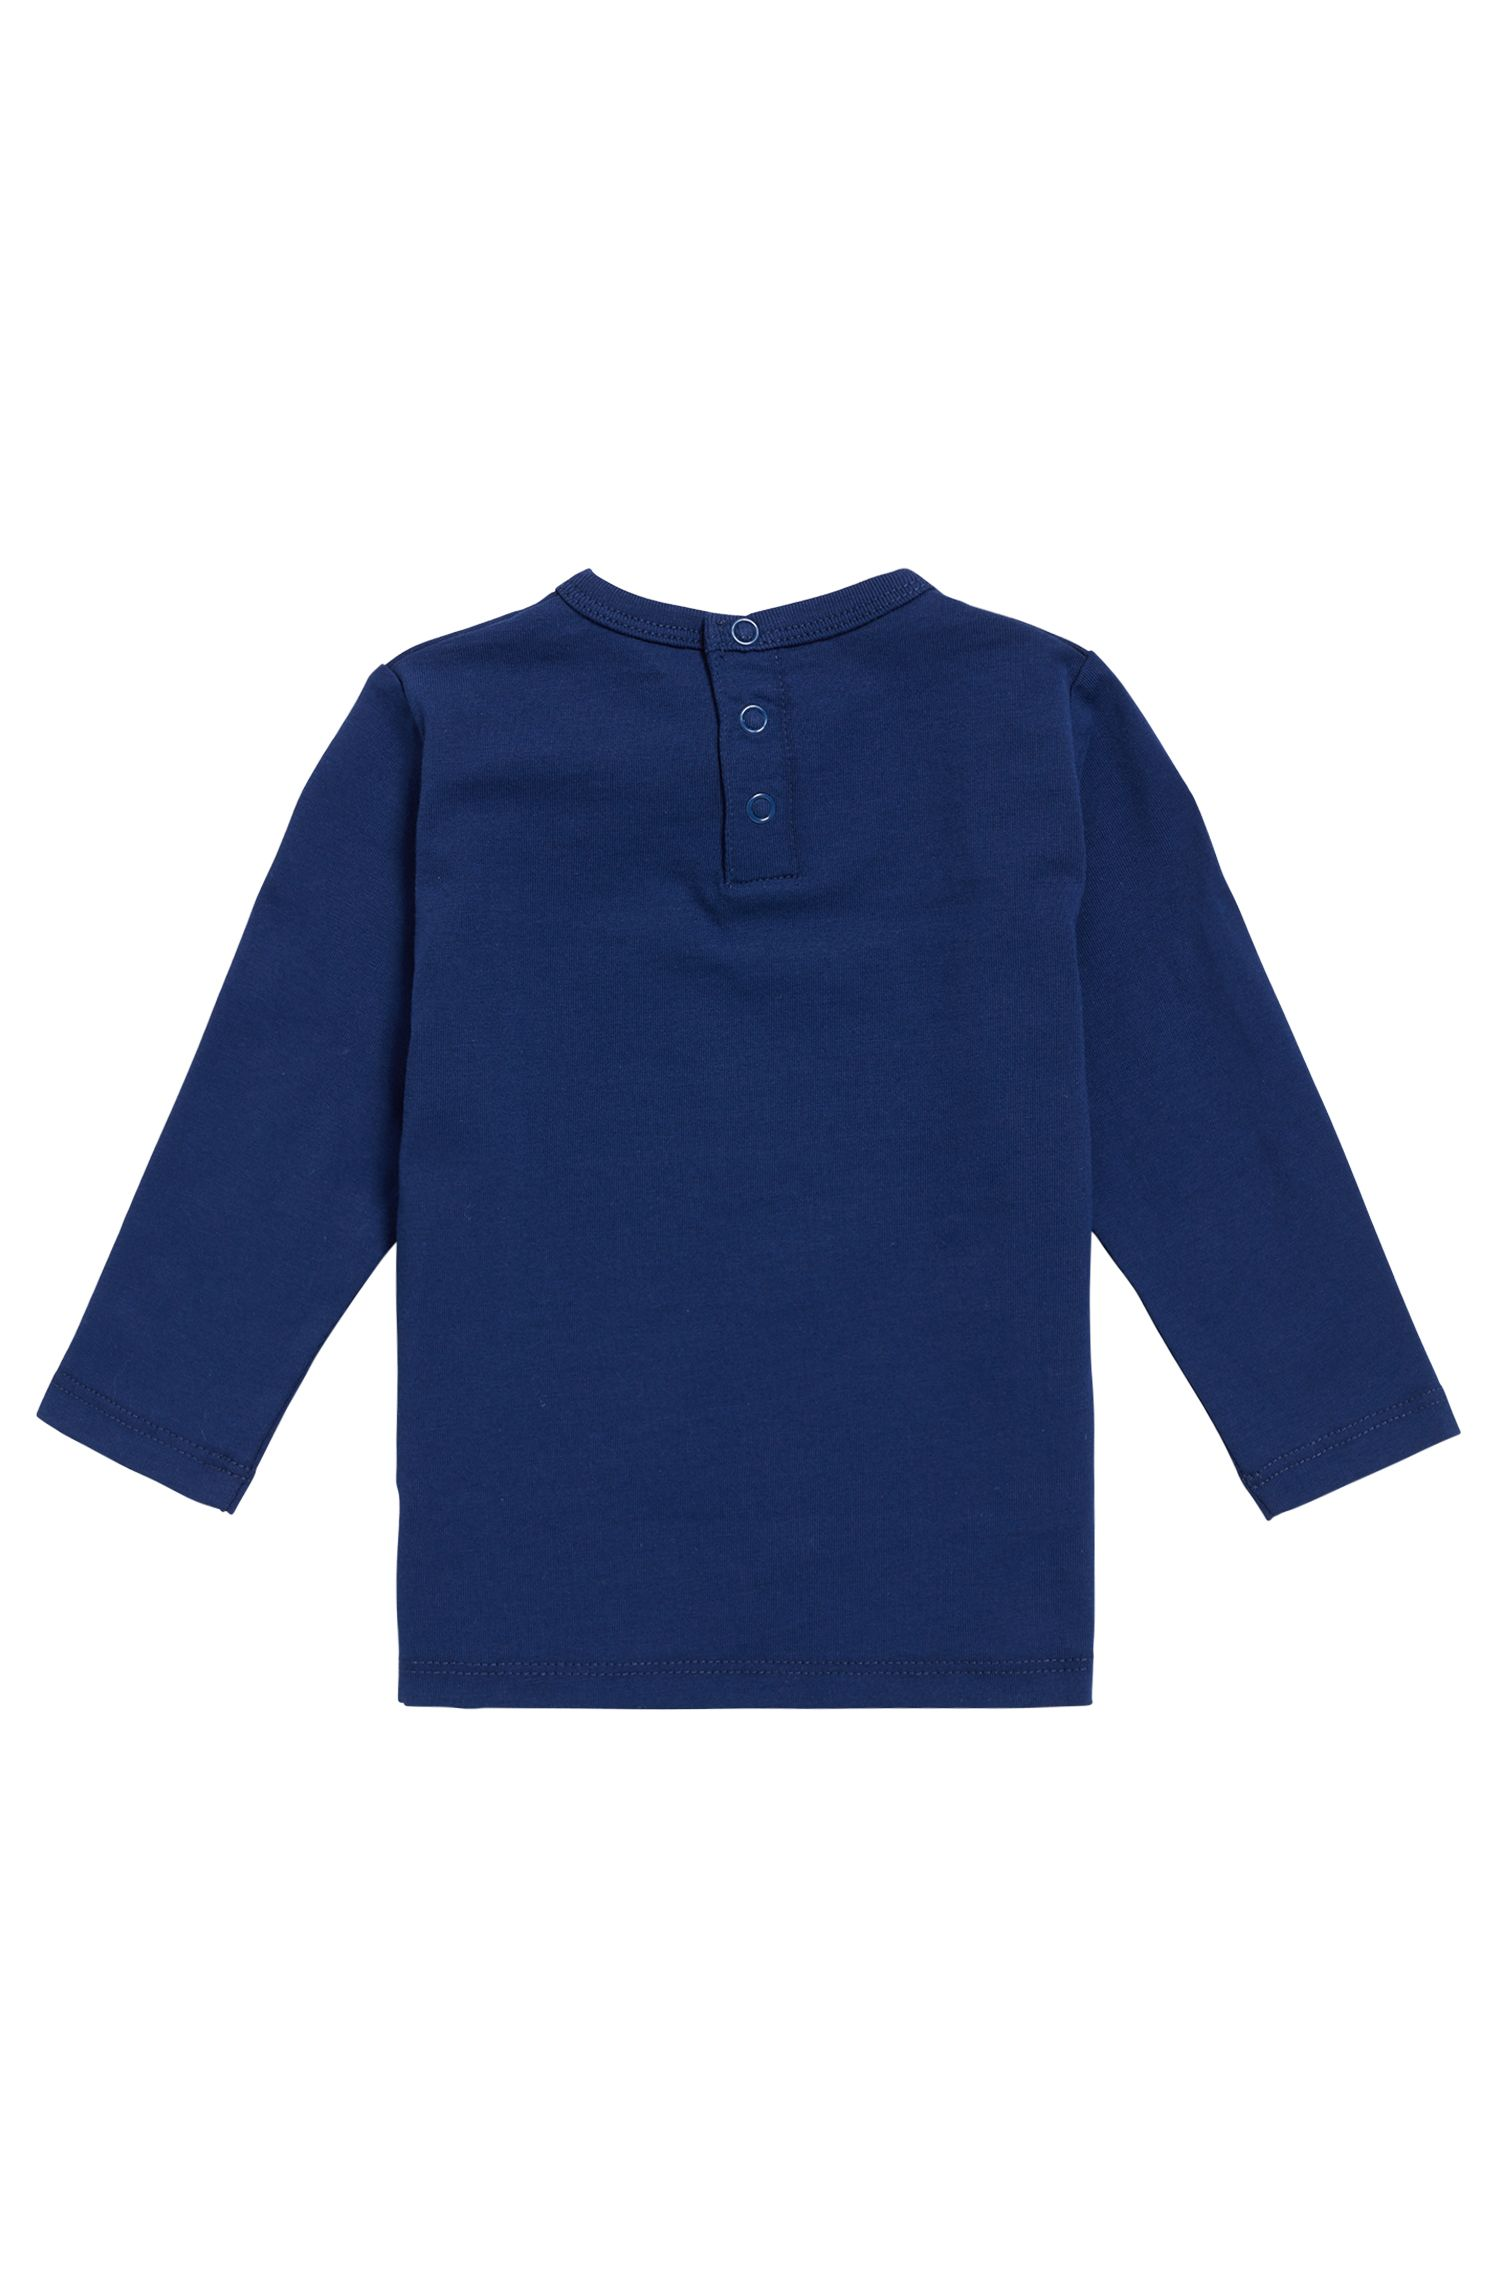 Maglietta da bambino in cotone a maniche lunghe con logo, Blu scuro